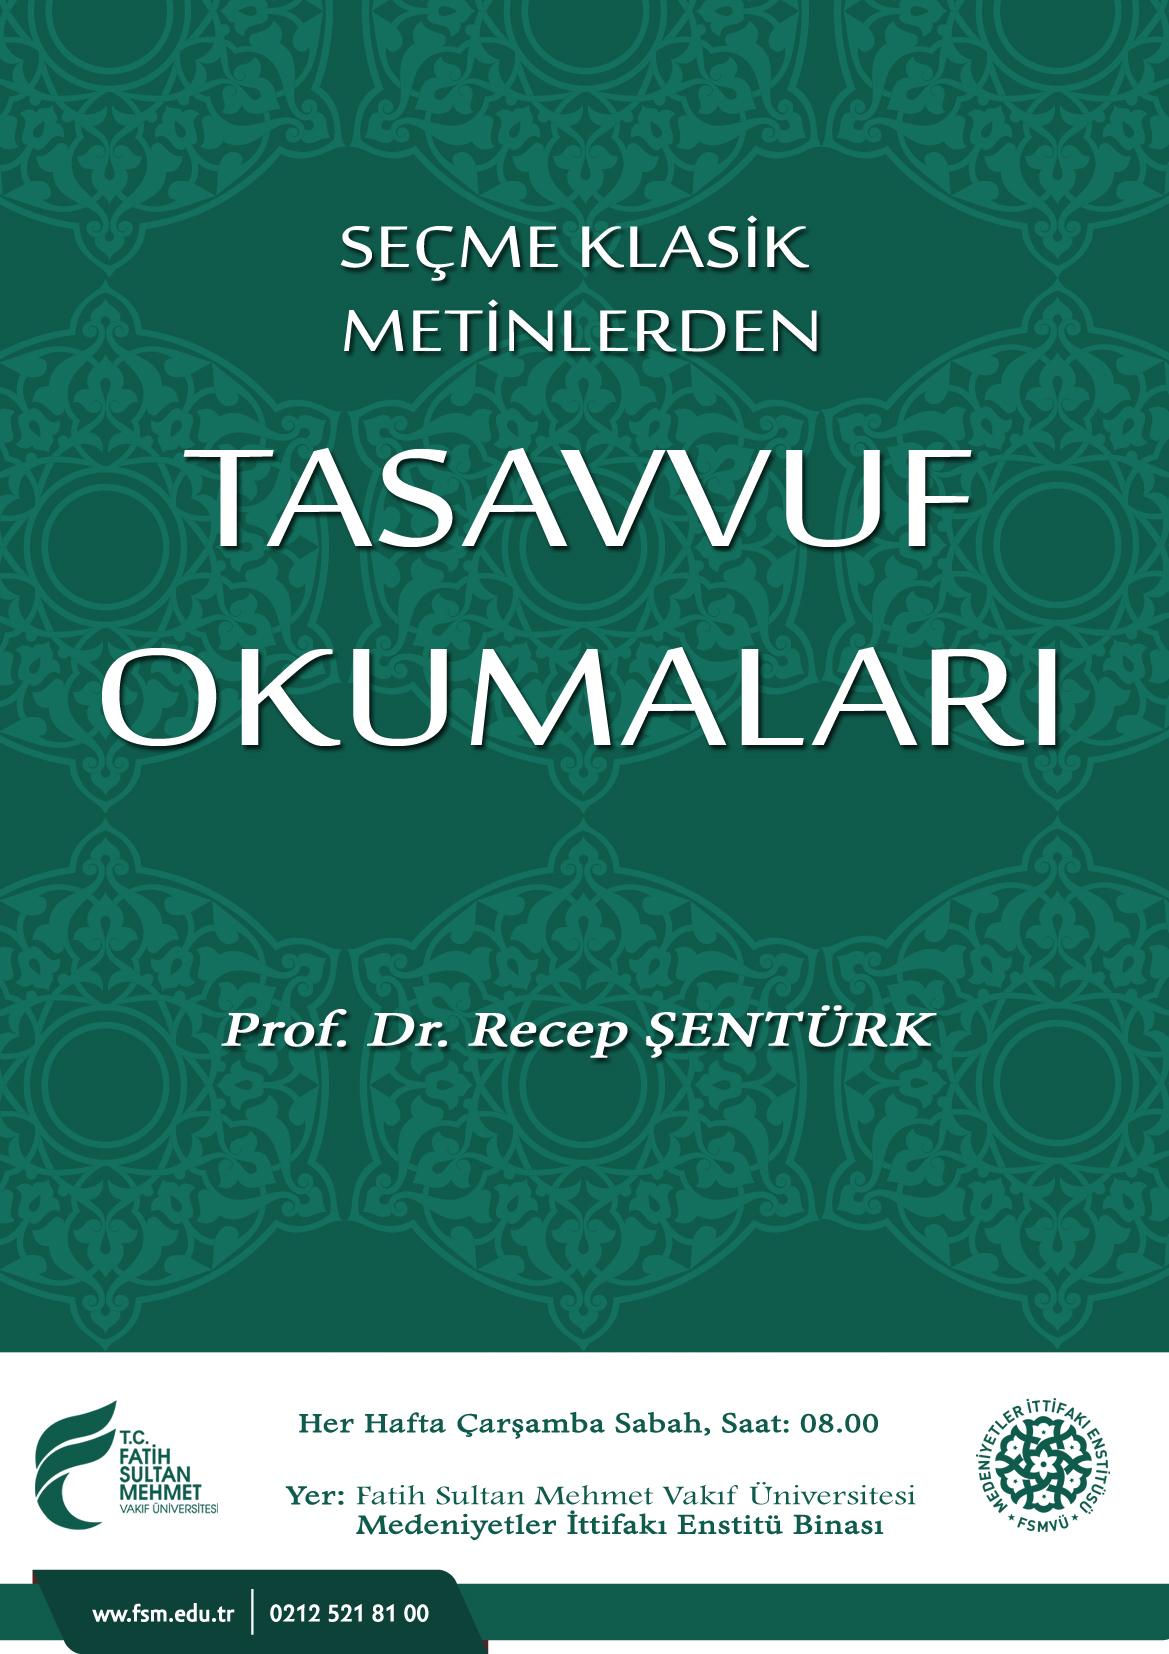 http://medit.fatihsultan.edu.tr/resimler/upload/Tasavvuf-Okumalari-Baslamistir-2210214.jpg